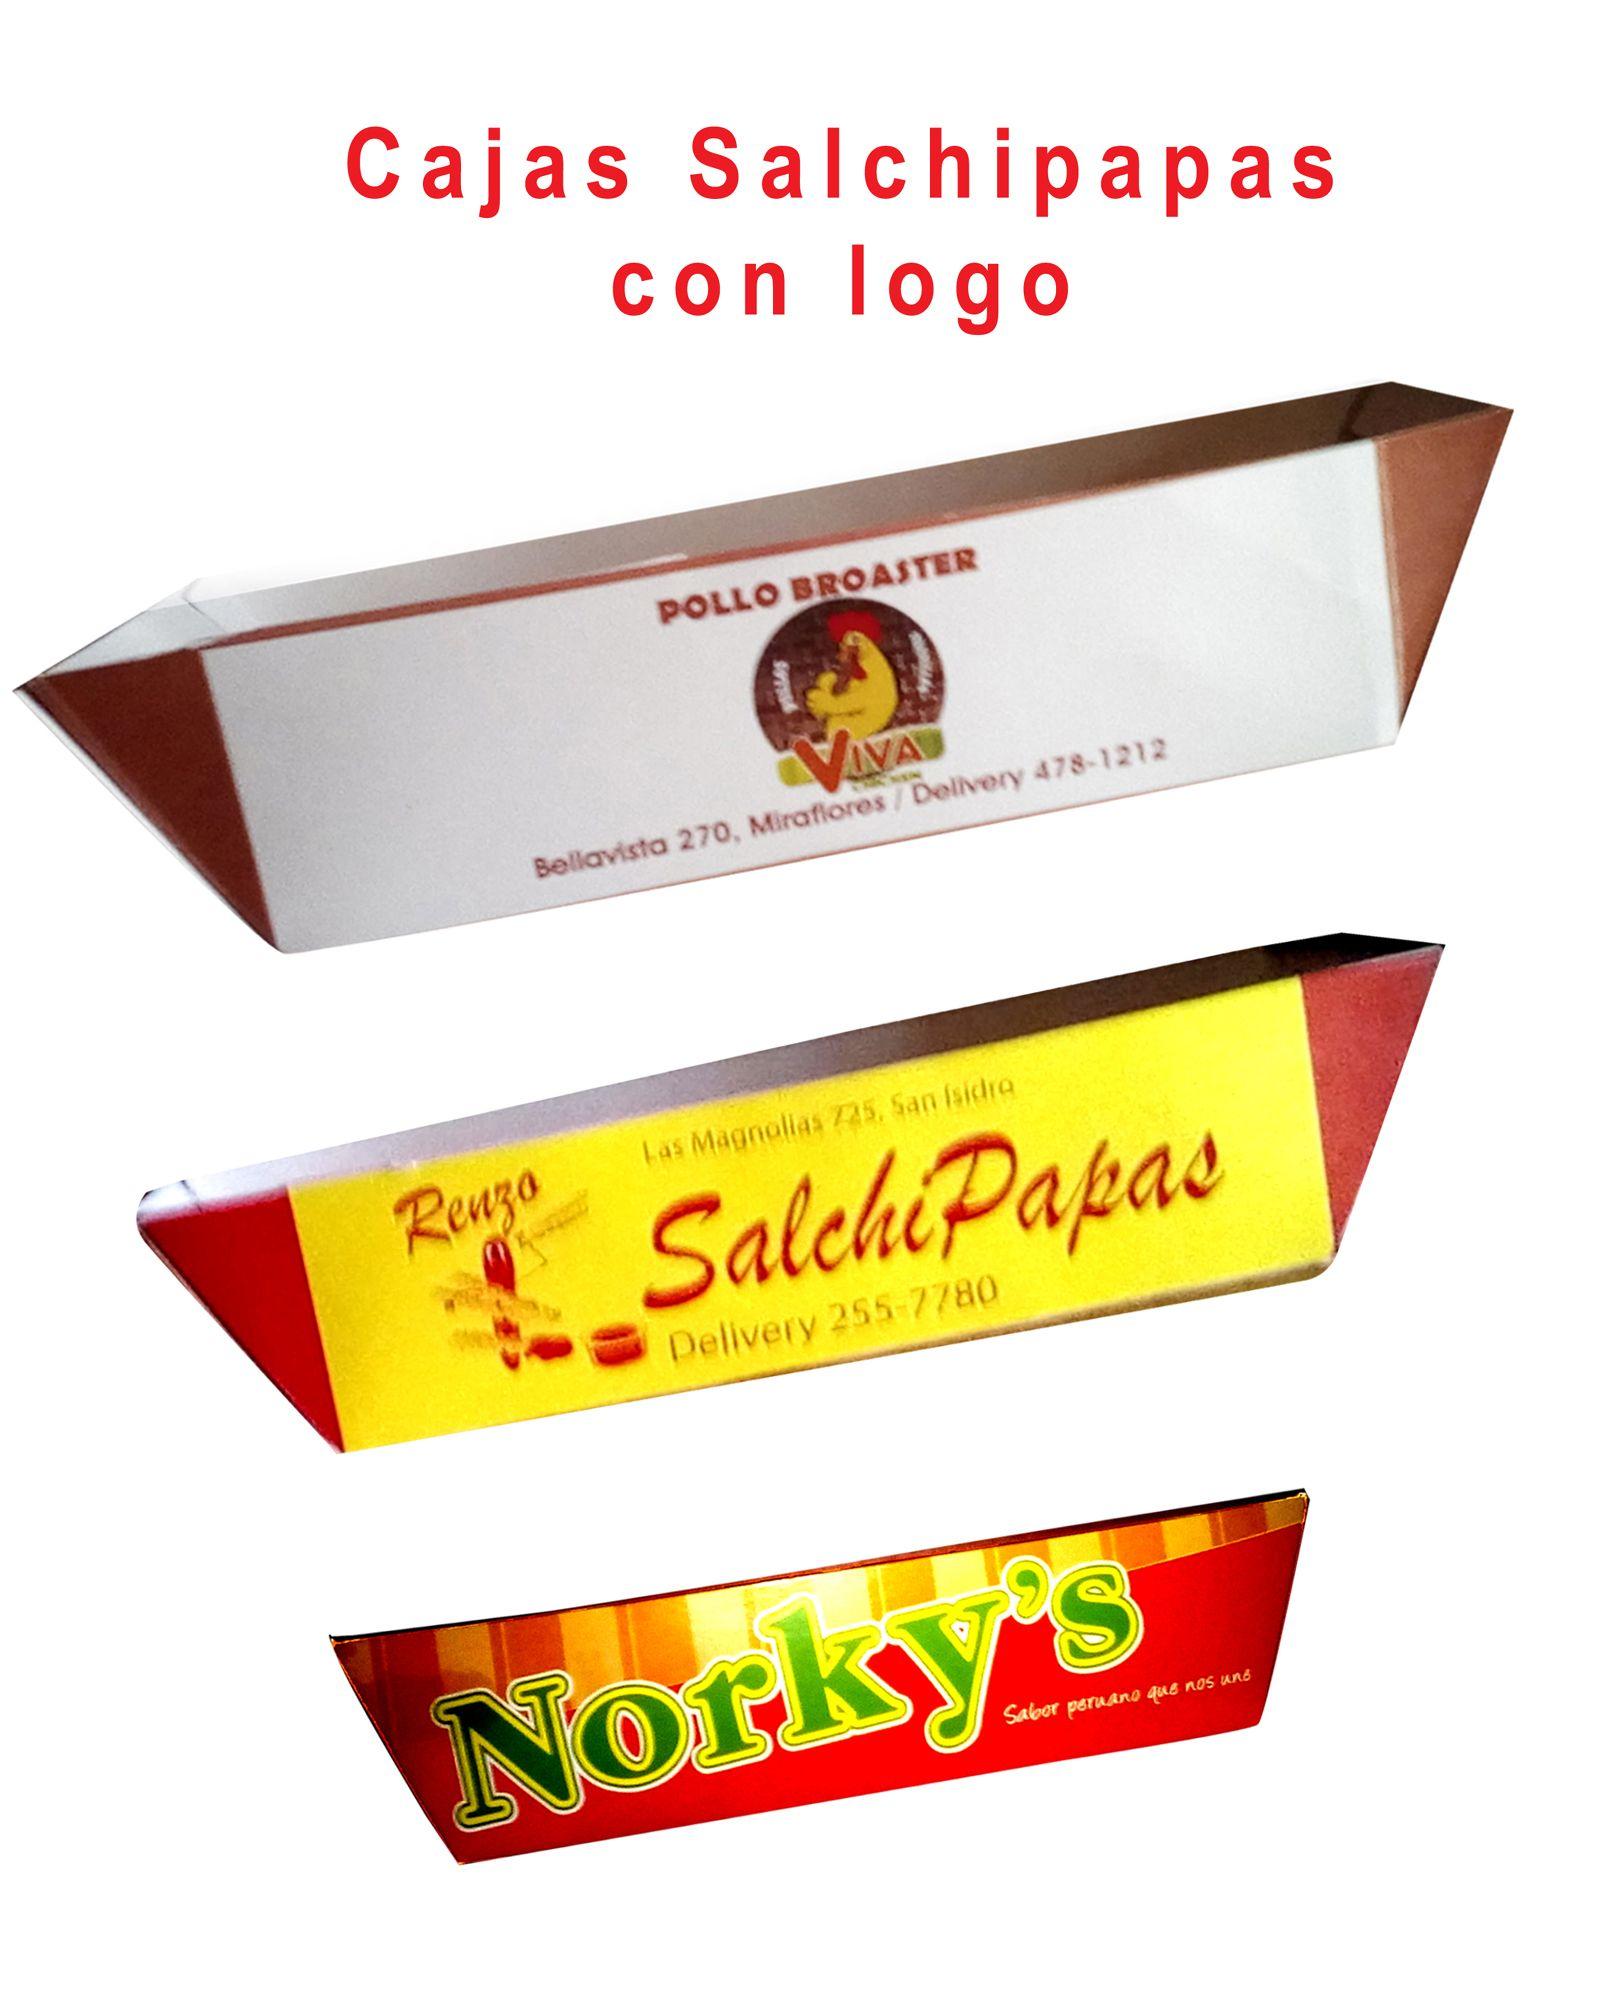 98b3863b2 Cajas para salchipapas, pollo broaster, ,etc., personalizadas con logo  delivery todo